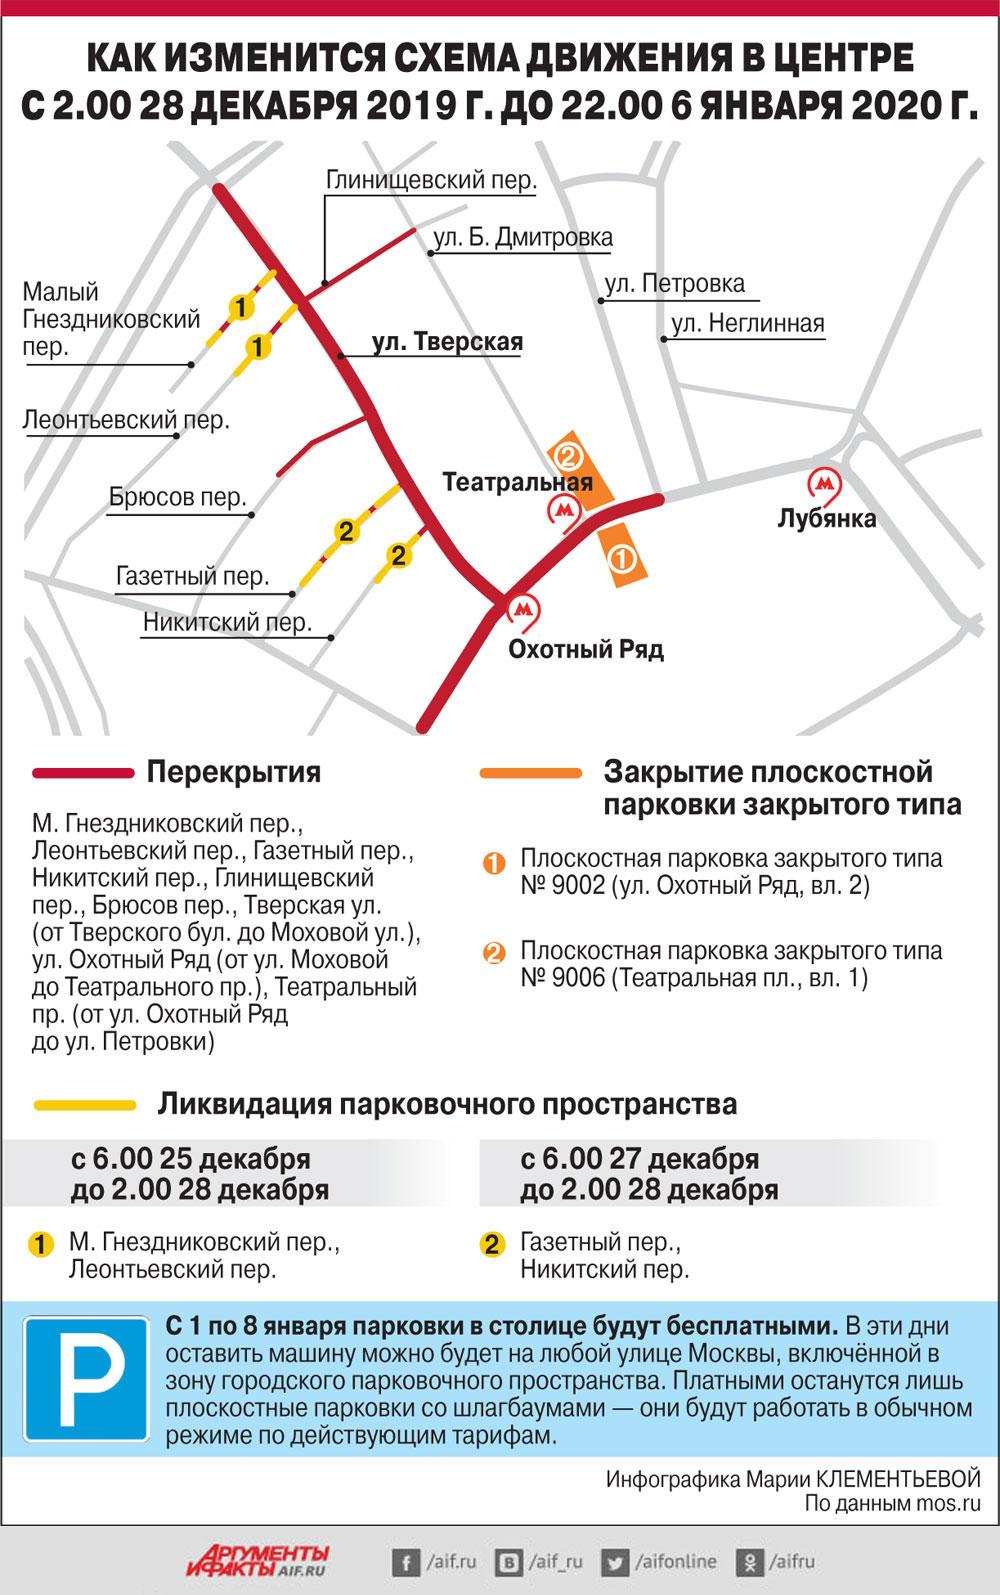 «Когда Тверская станет пешеходной?» Собянин ответил на вопросы москвичей #Moskva